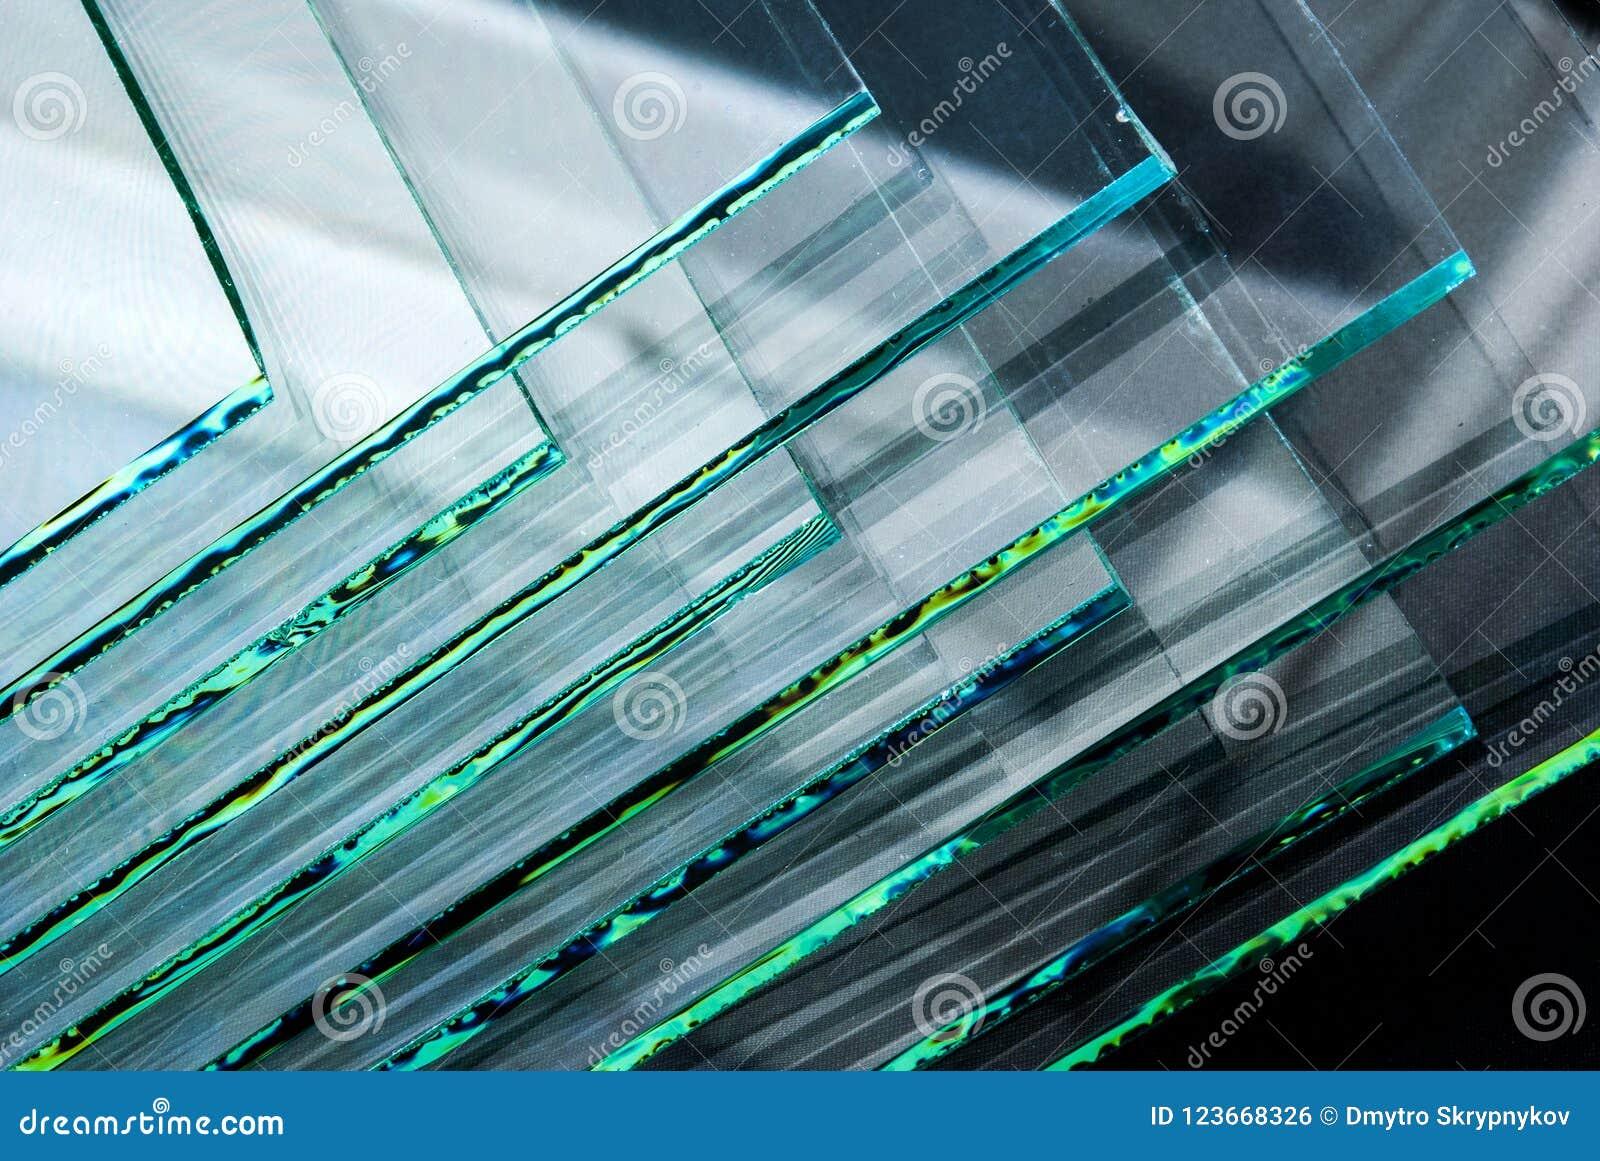 As folhas dos painéis claros moderados fabricação do vidro de flutuador da fábrica cortaram para fazer sob medida